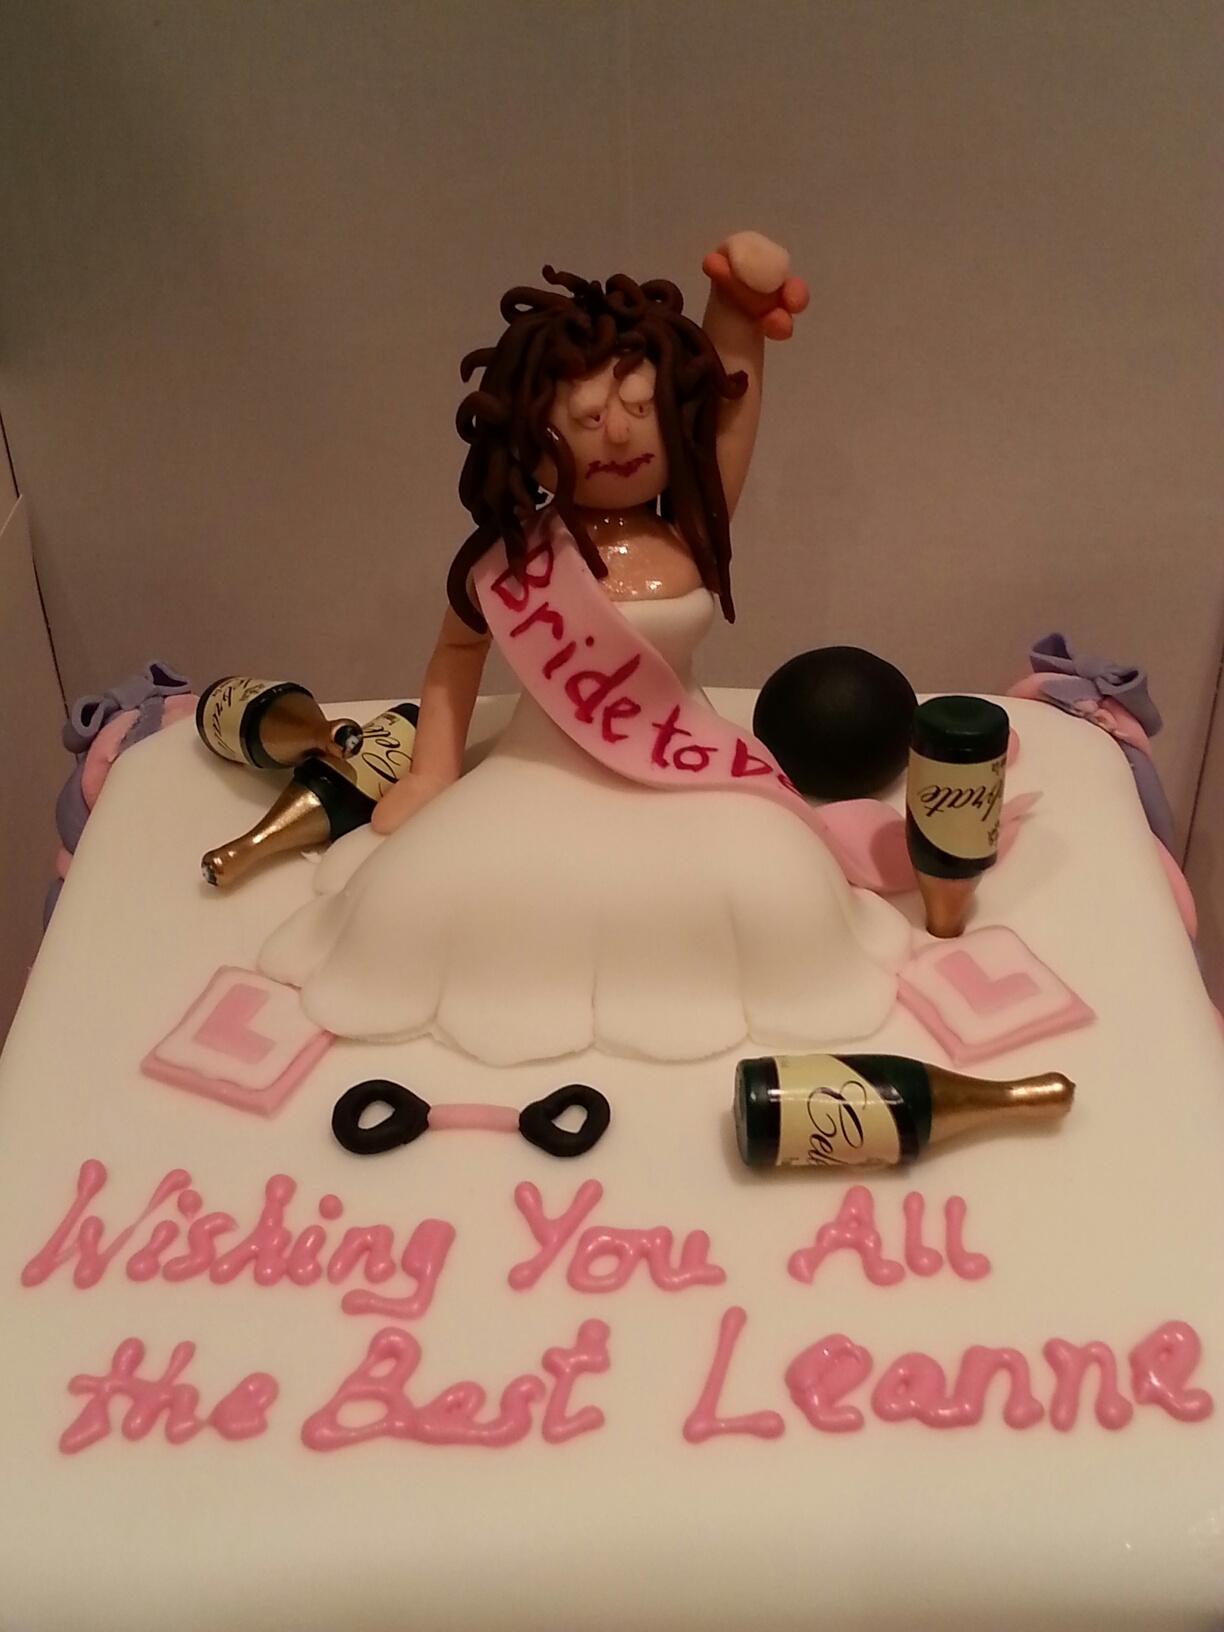 Drunken Hen (2) cake